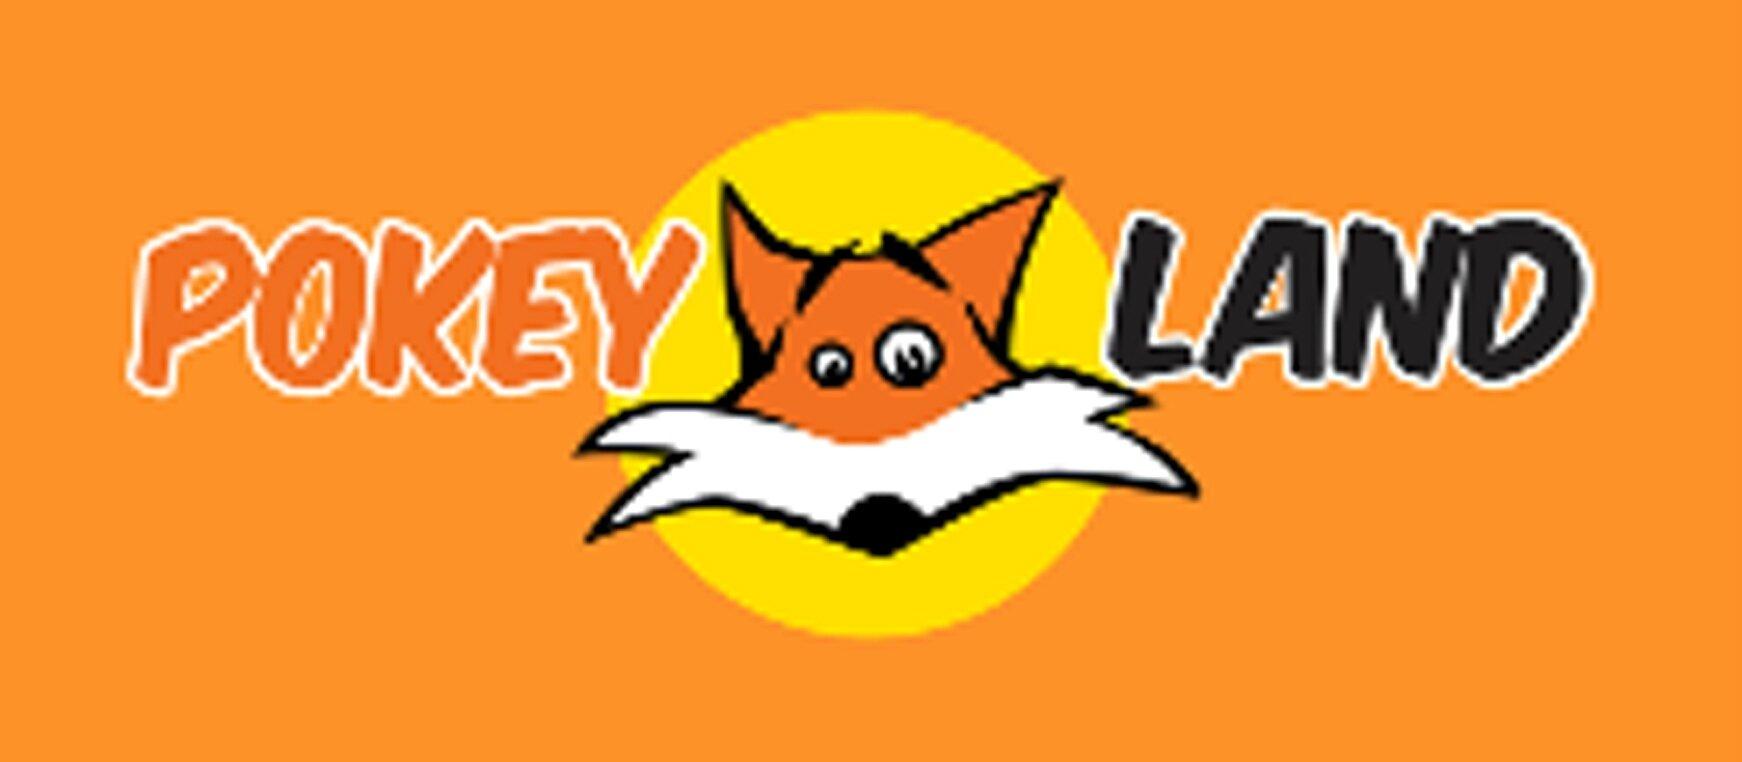 pokey land, un parc d'attraction à Féy